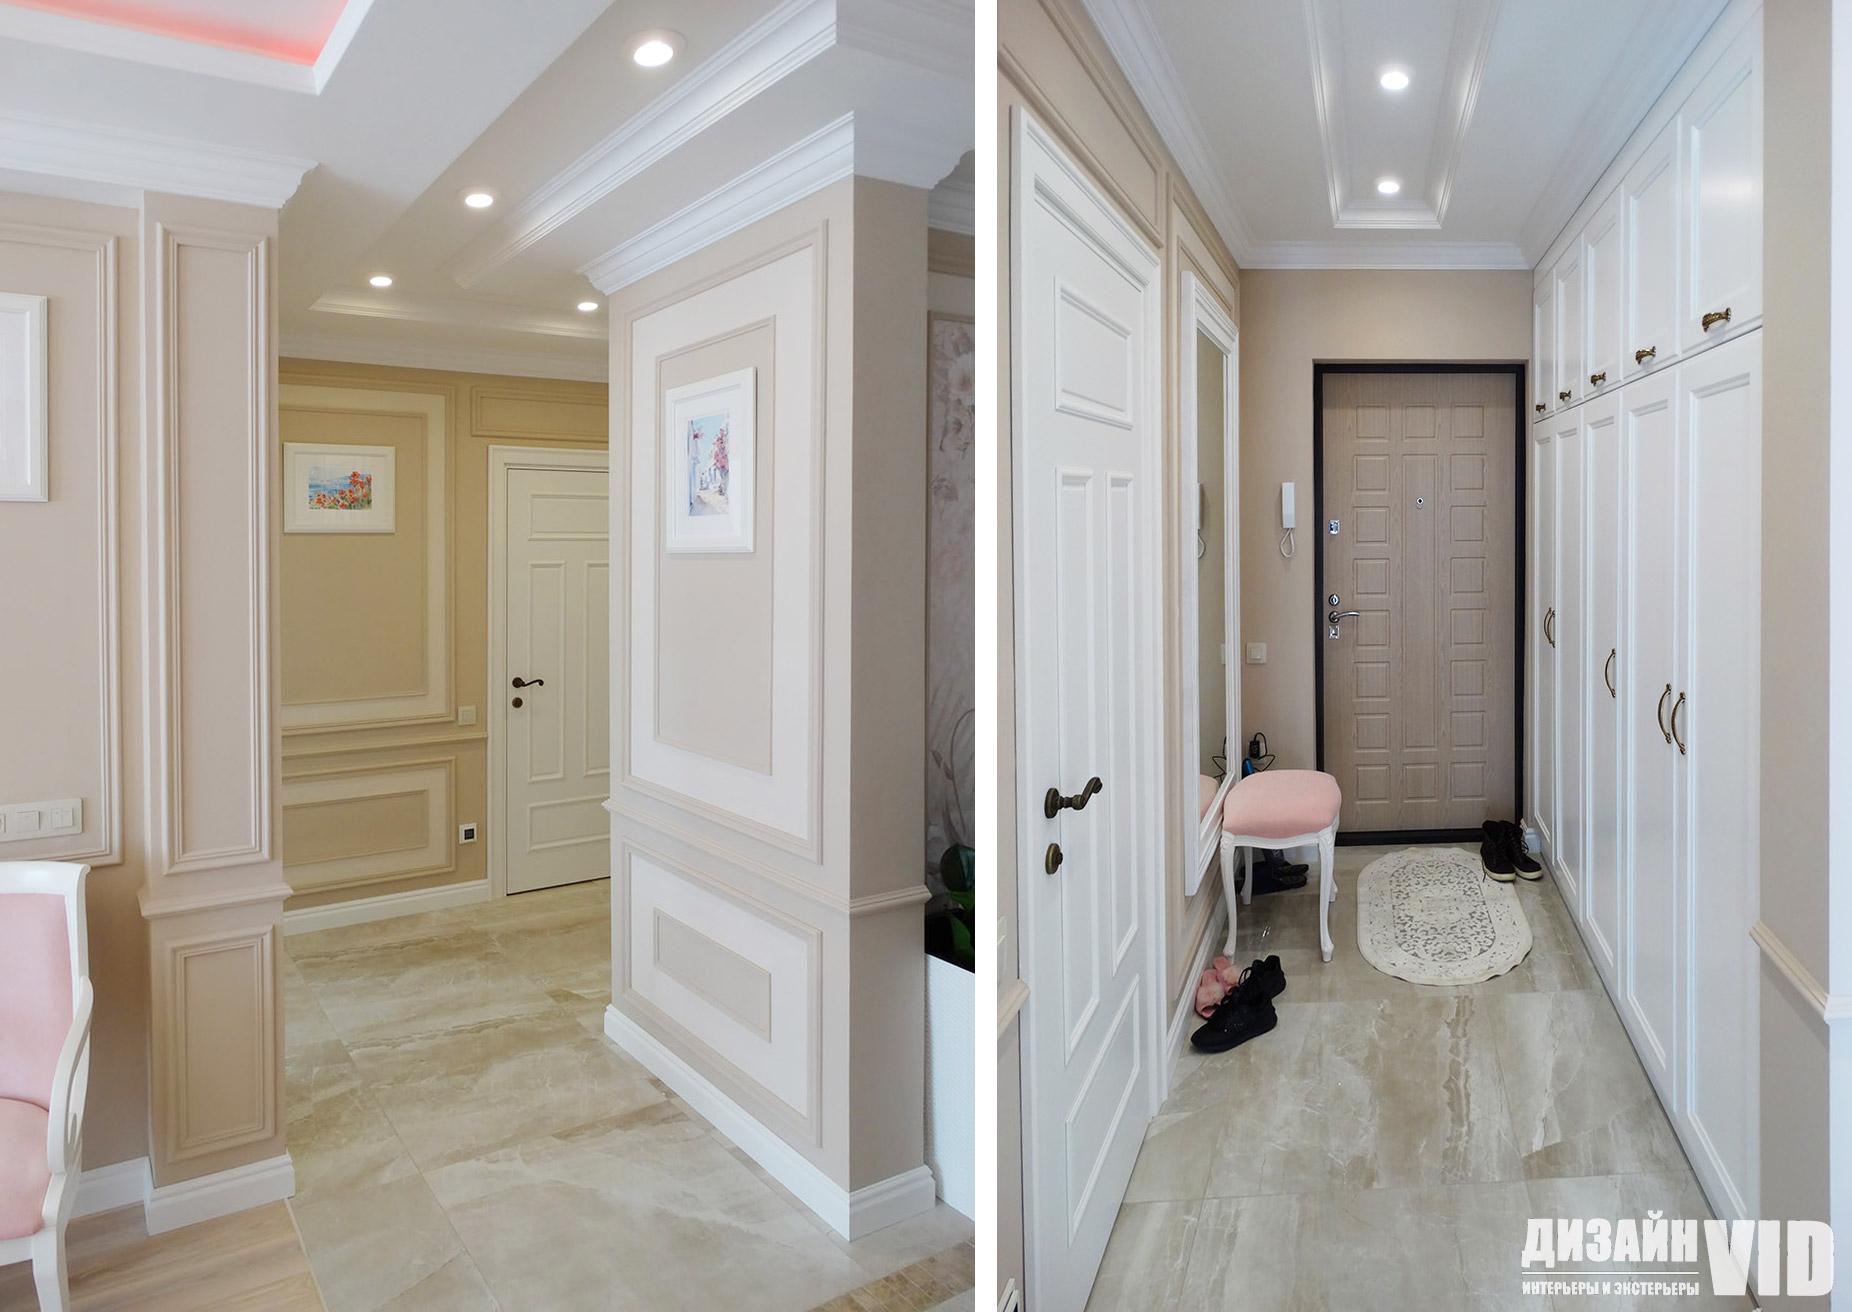 Дизайн и ремонт квартир в классике